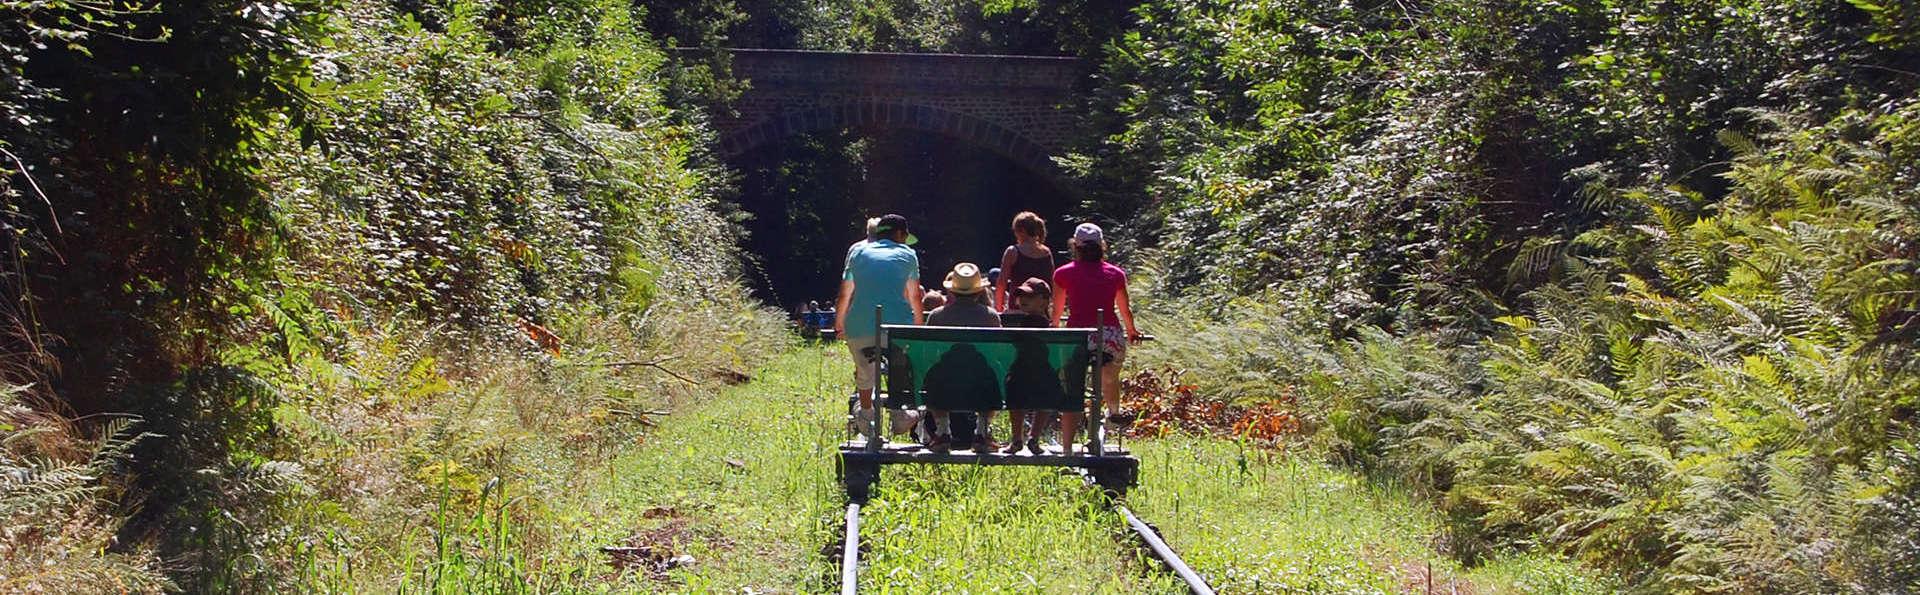 Ontdek de natuur bij Dinant op een rail-bike